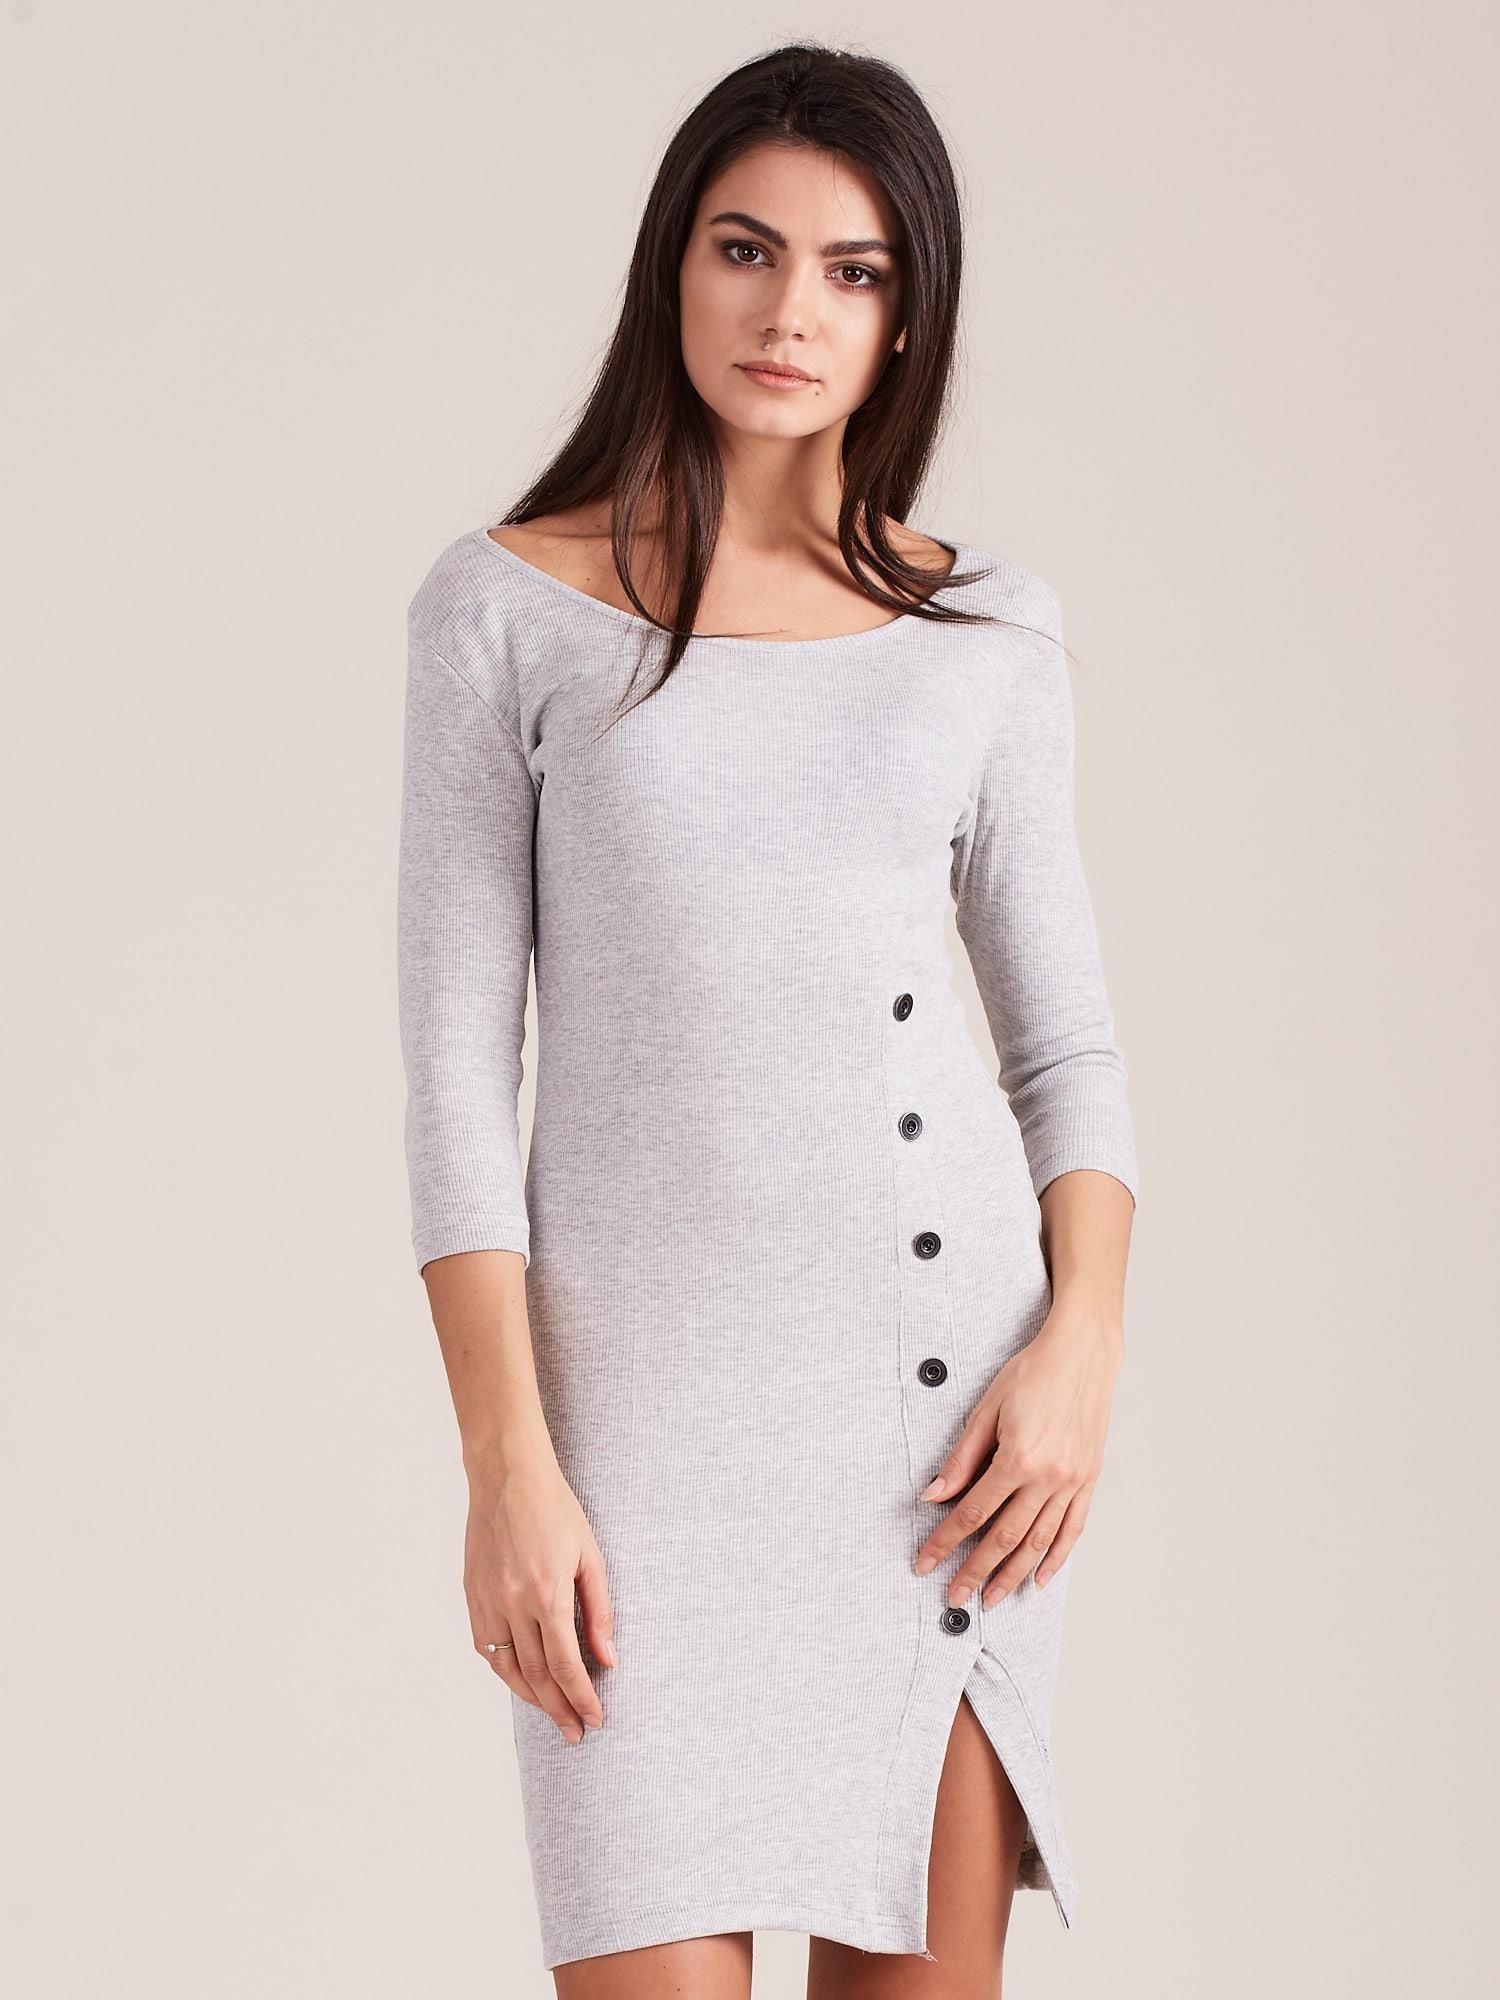 Dámske svetlosivé šaty s rozparkom - M